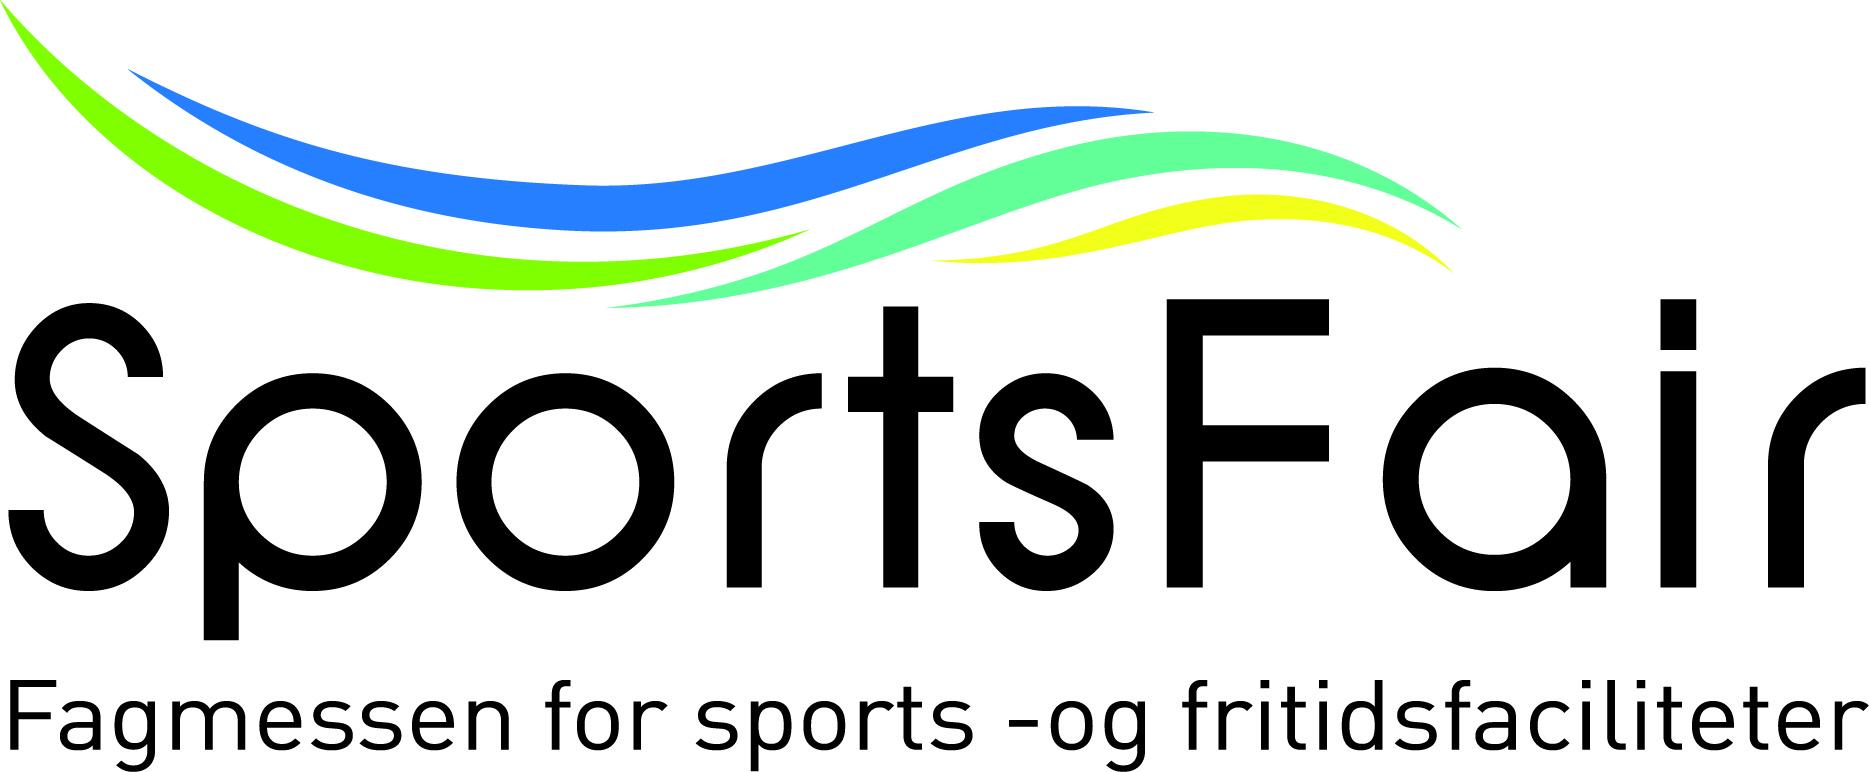 Læs mere om  SportsFair  her.